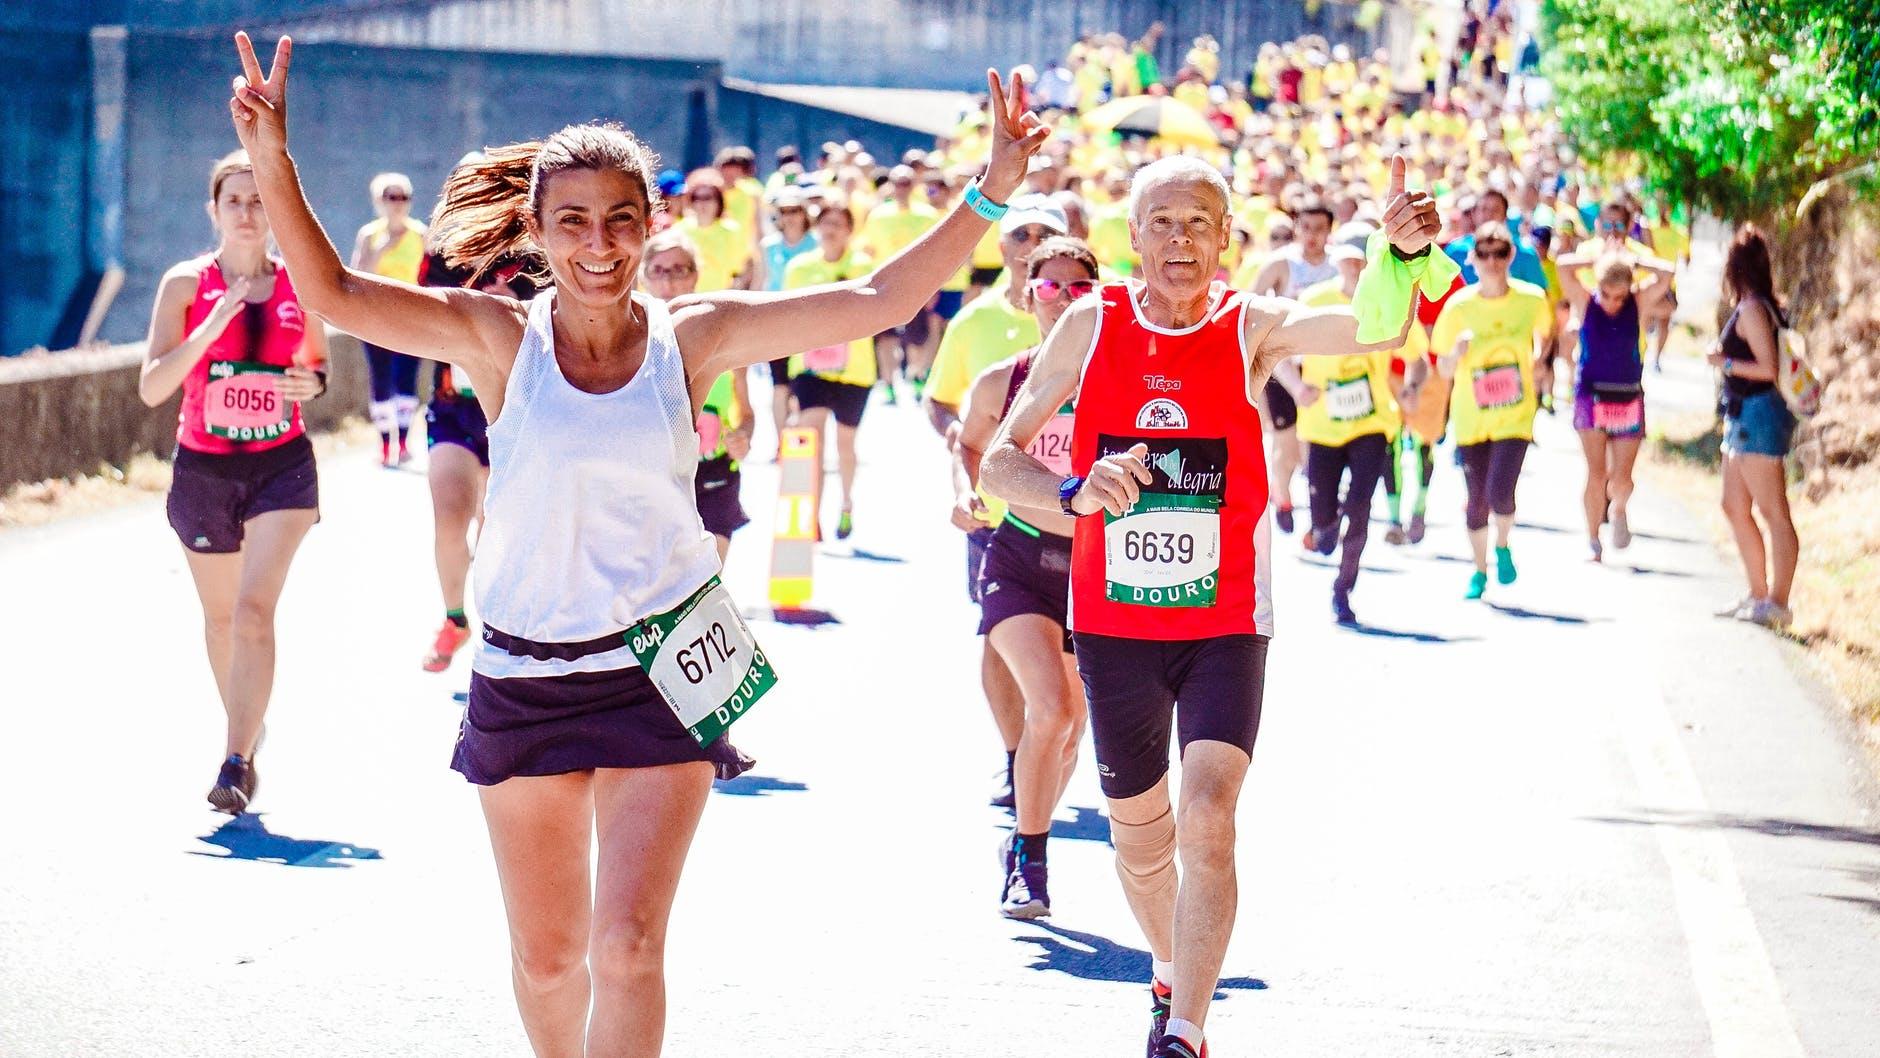 Kvinde løber med andre i løb